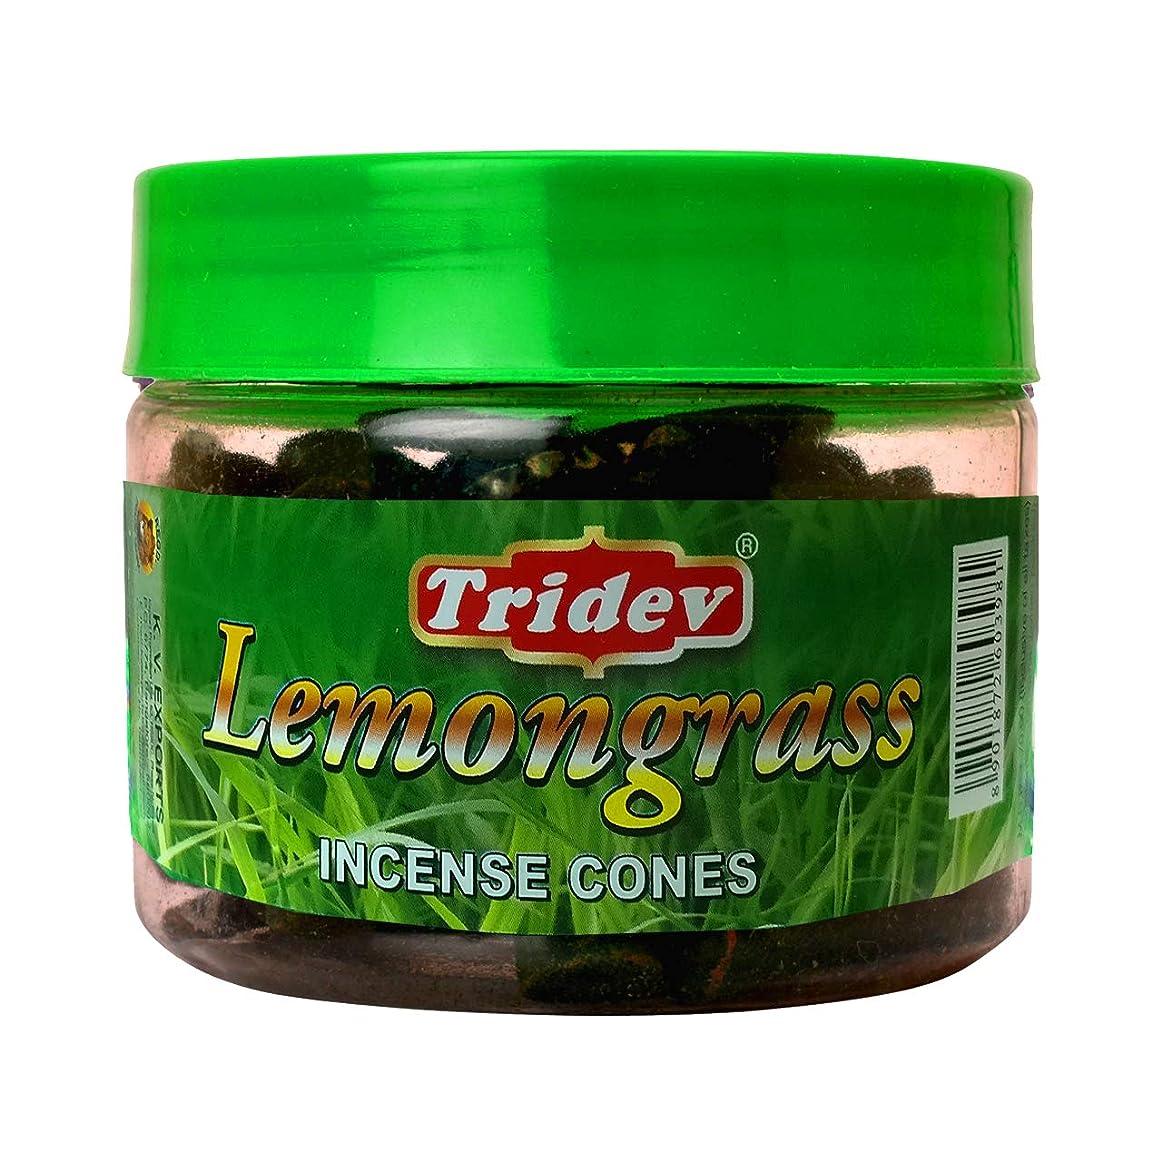 増幅最高発掘Tridev レモングラスフレグランス コーン型お香瓶 1080グラム ボックス入り 12個入り 輸出品質